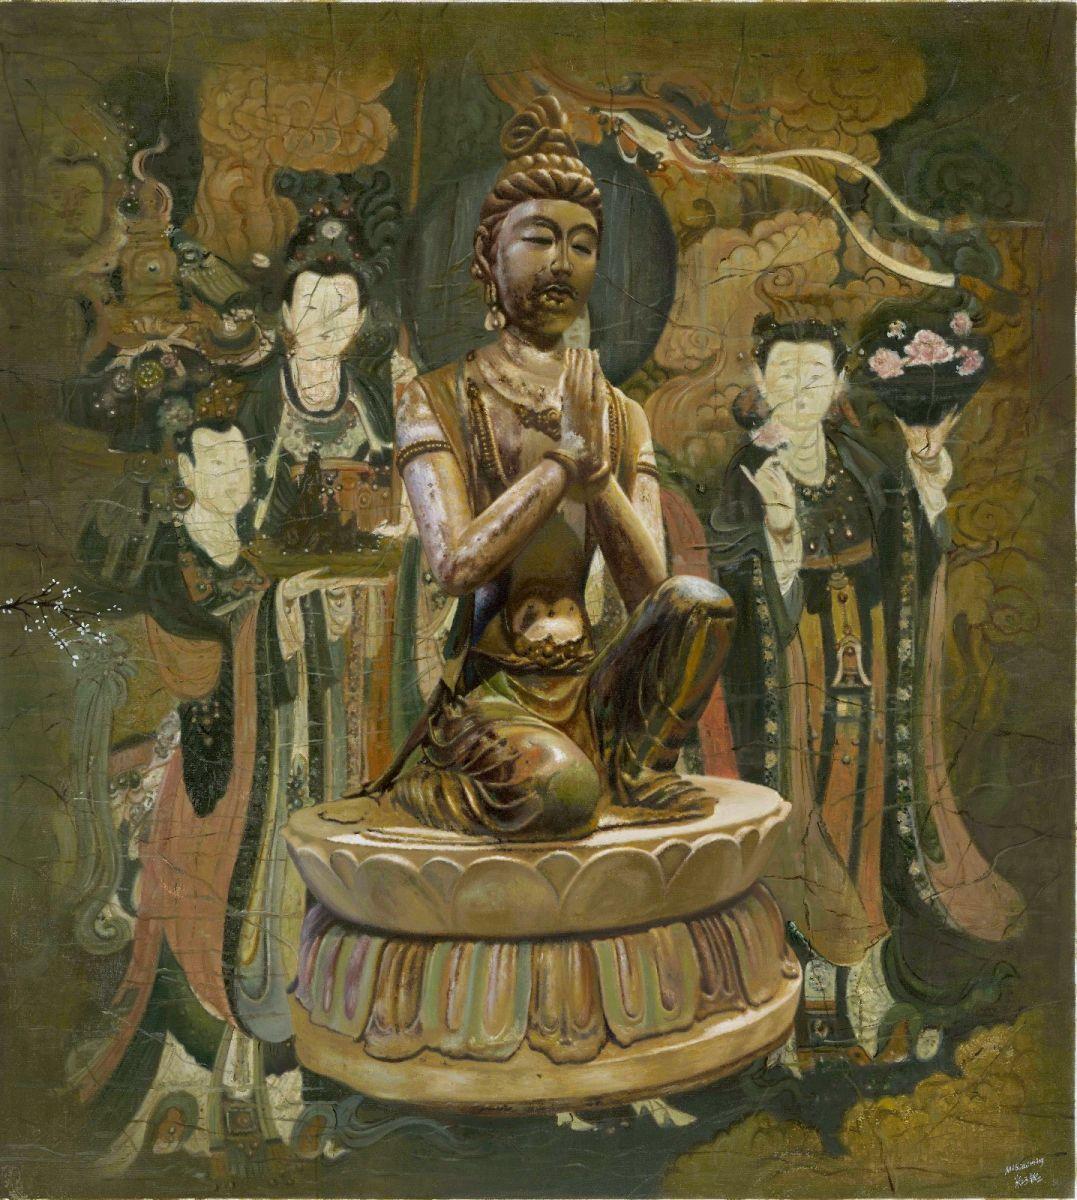 米巧铭的画,神了_图1-12